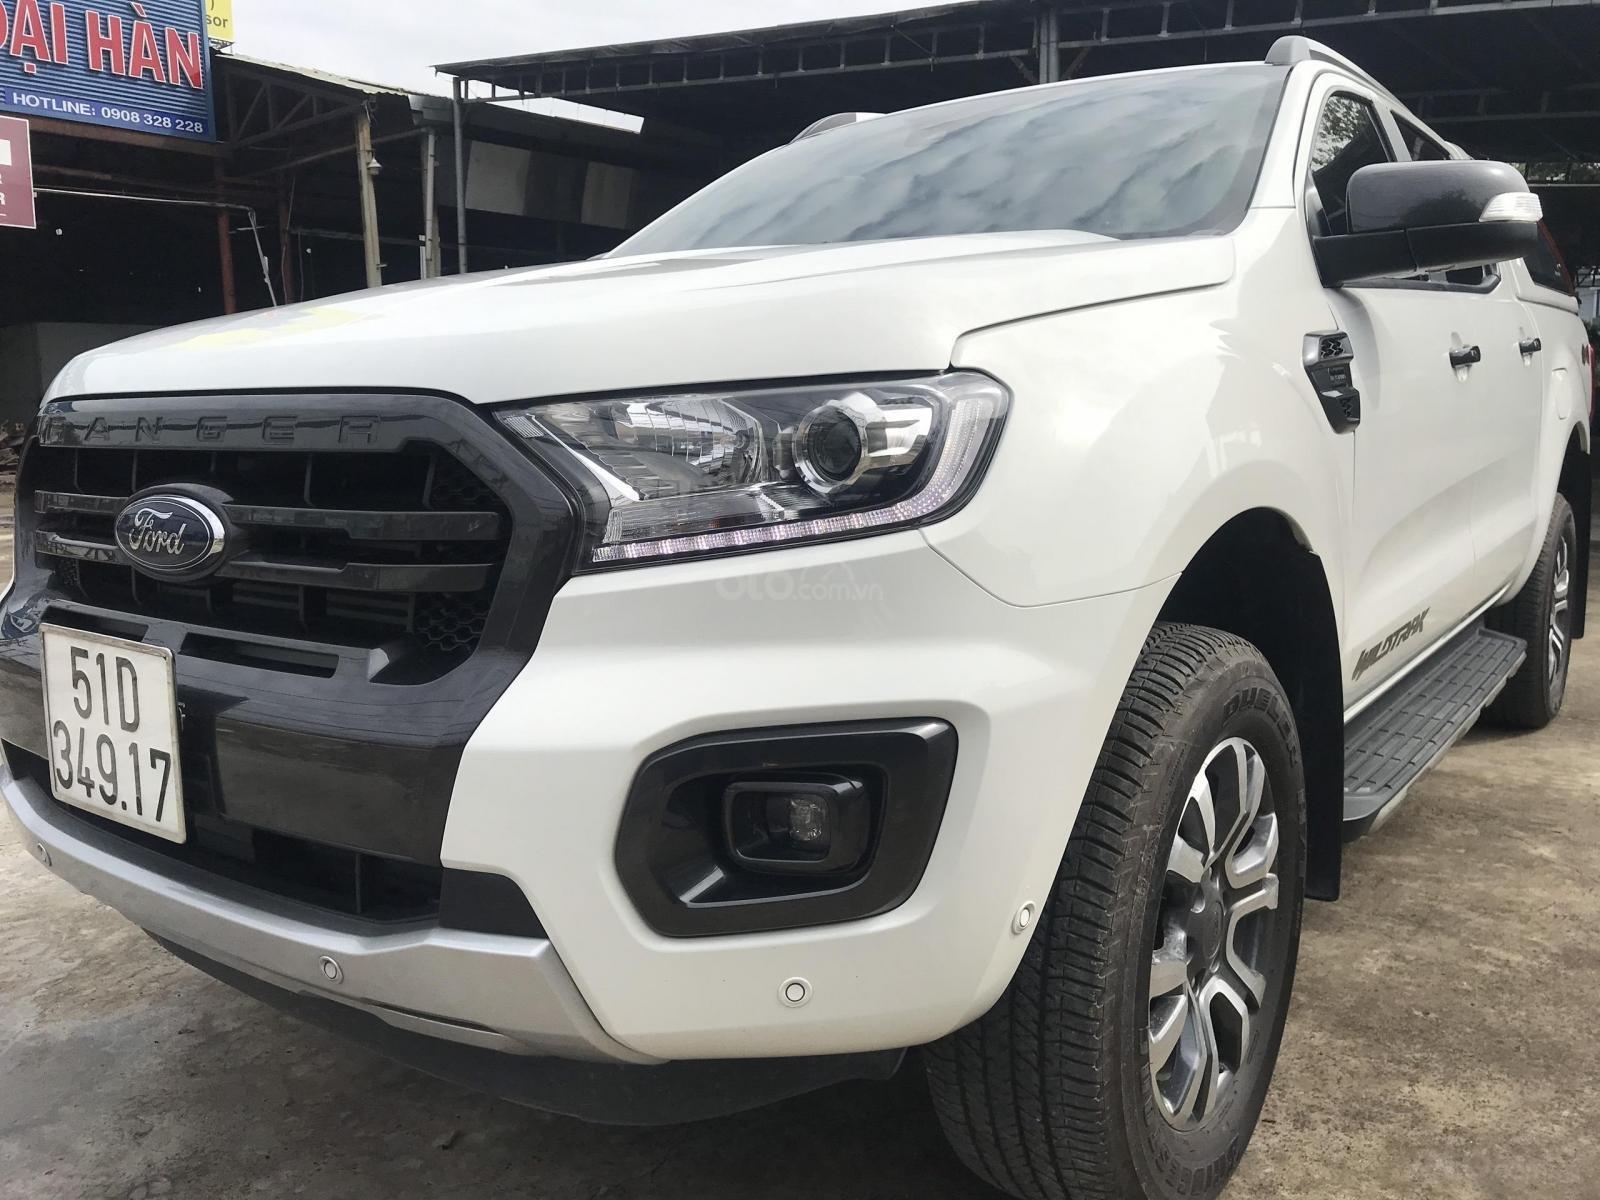 City Ford Used Car bán Ford Ranger 2.0 Biturbo 2018 ĐK 2019, trả góp (4)